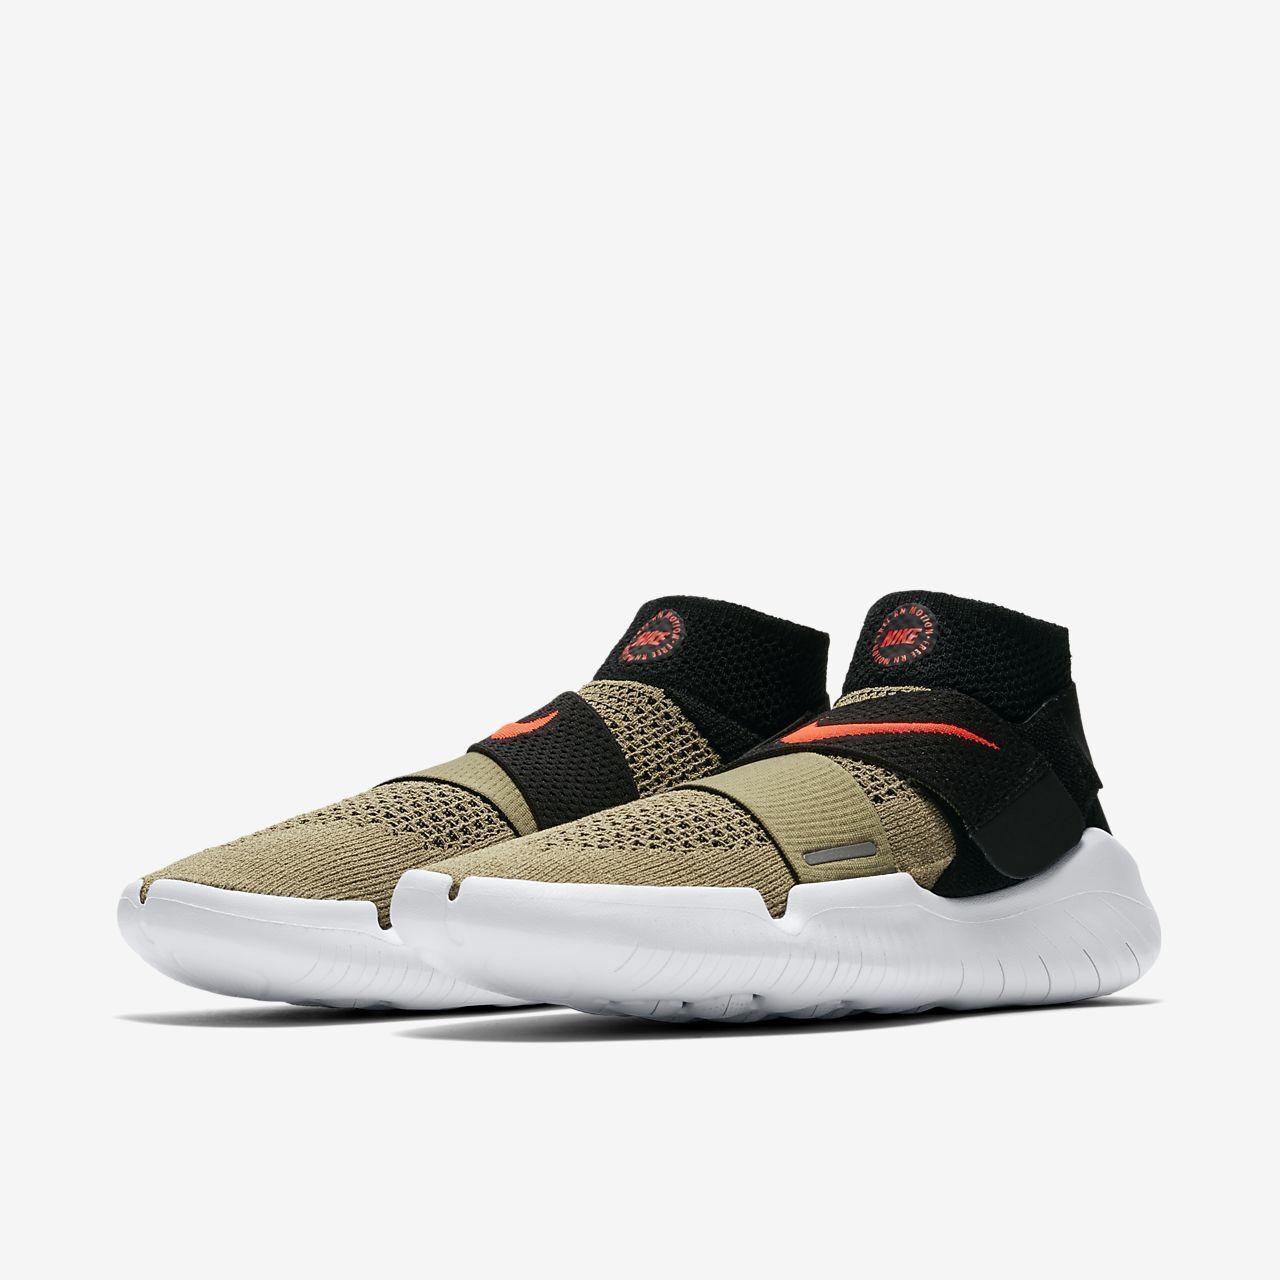 Nike uomini libero proposta flyknit 2018 taglia 10 nuove rare campione scarpa